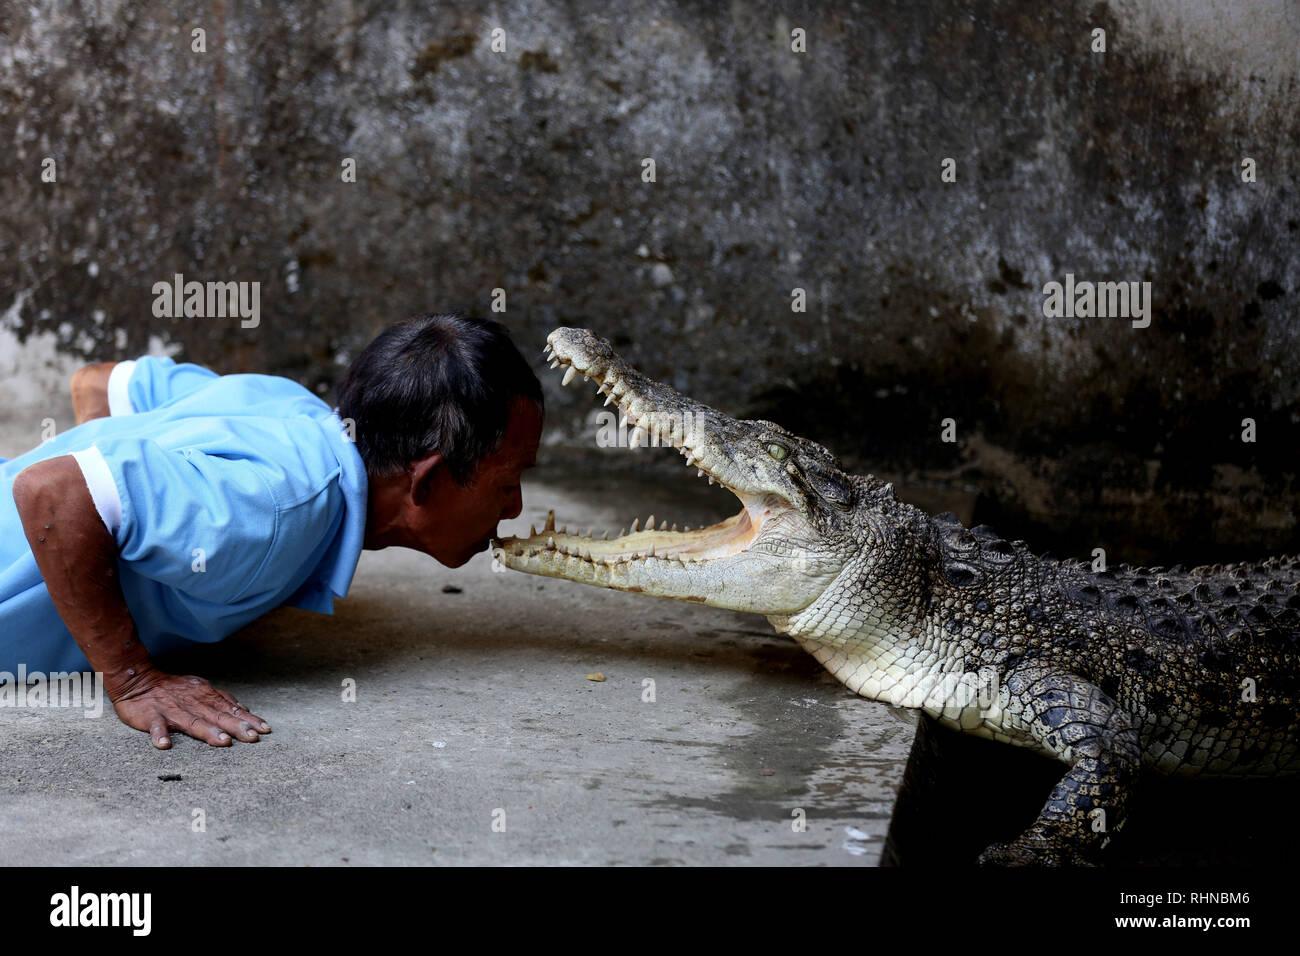 Yangon, Myanmar. 3, 2019. Un membre du personnel interagit avec un crocodile à la ferme aux crocodiles de Thaketa à Yangon, Myanmar, le 3 février 2019. Situé dans le canton de Thaketa Thaketa, Yangon, la ferme aux crocodiles est exploité avec un total de 16 membres du personnel et est une maison à plus de 500 crocodiles d'eau salée de toutes tailles. Credit: U Aung/Xinhua/Alamy Live News Photo Stock